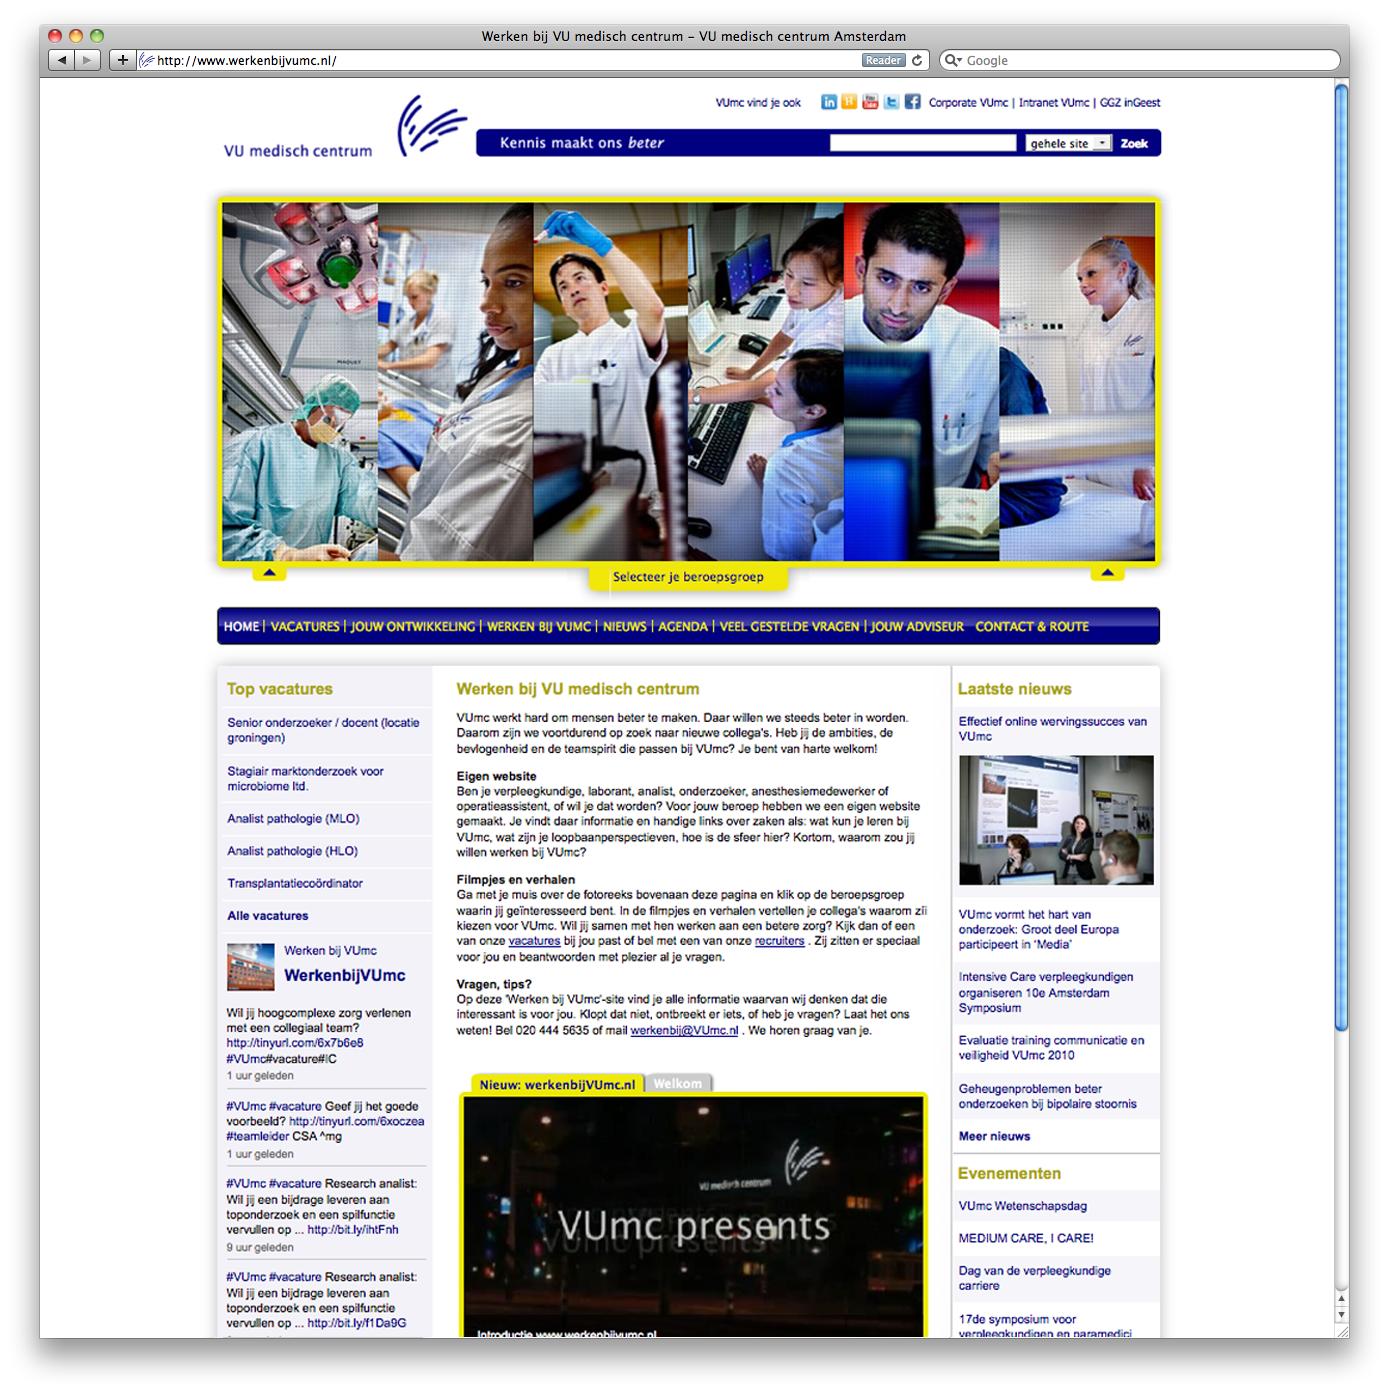 VUmc heeft TMP Worldwide gevraagd een nieuwe website te ontwerpen die past bij de nieuwe manier van werven van het VUmc: http://www.werkenbijvumc.nl. Waar er voorheen meer afstand was tussen kandidaten en organisaties, benaderen de e-recruiters van VUmc actief de markt via online kanalen. De nieuwe website speelt hierin een belangrijke […]